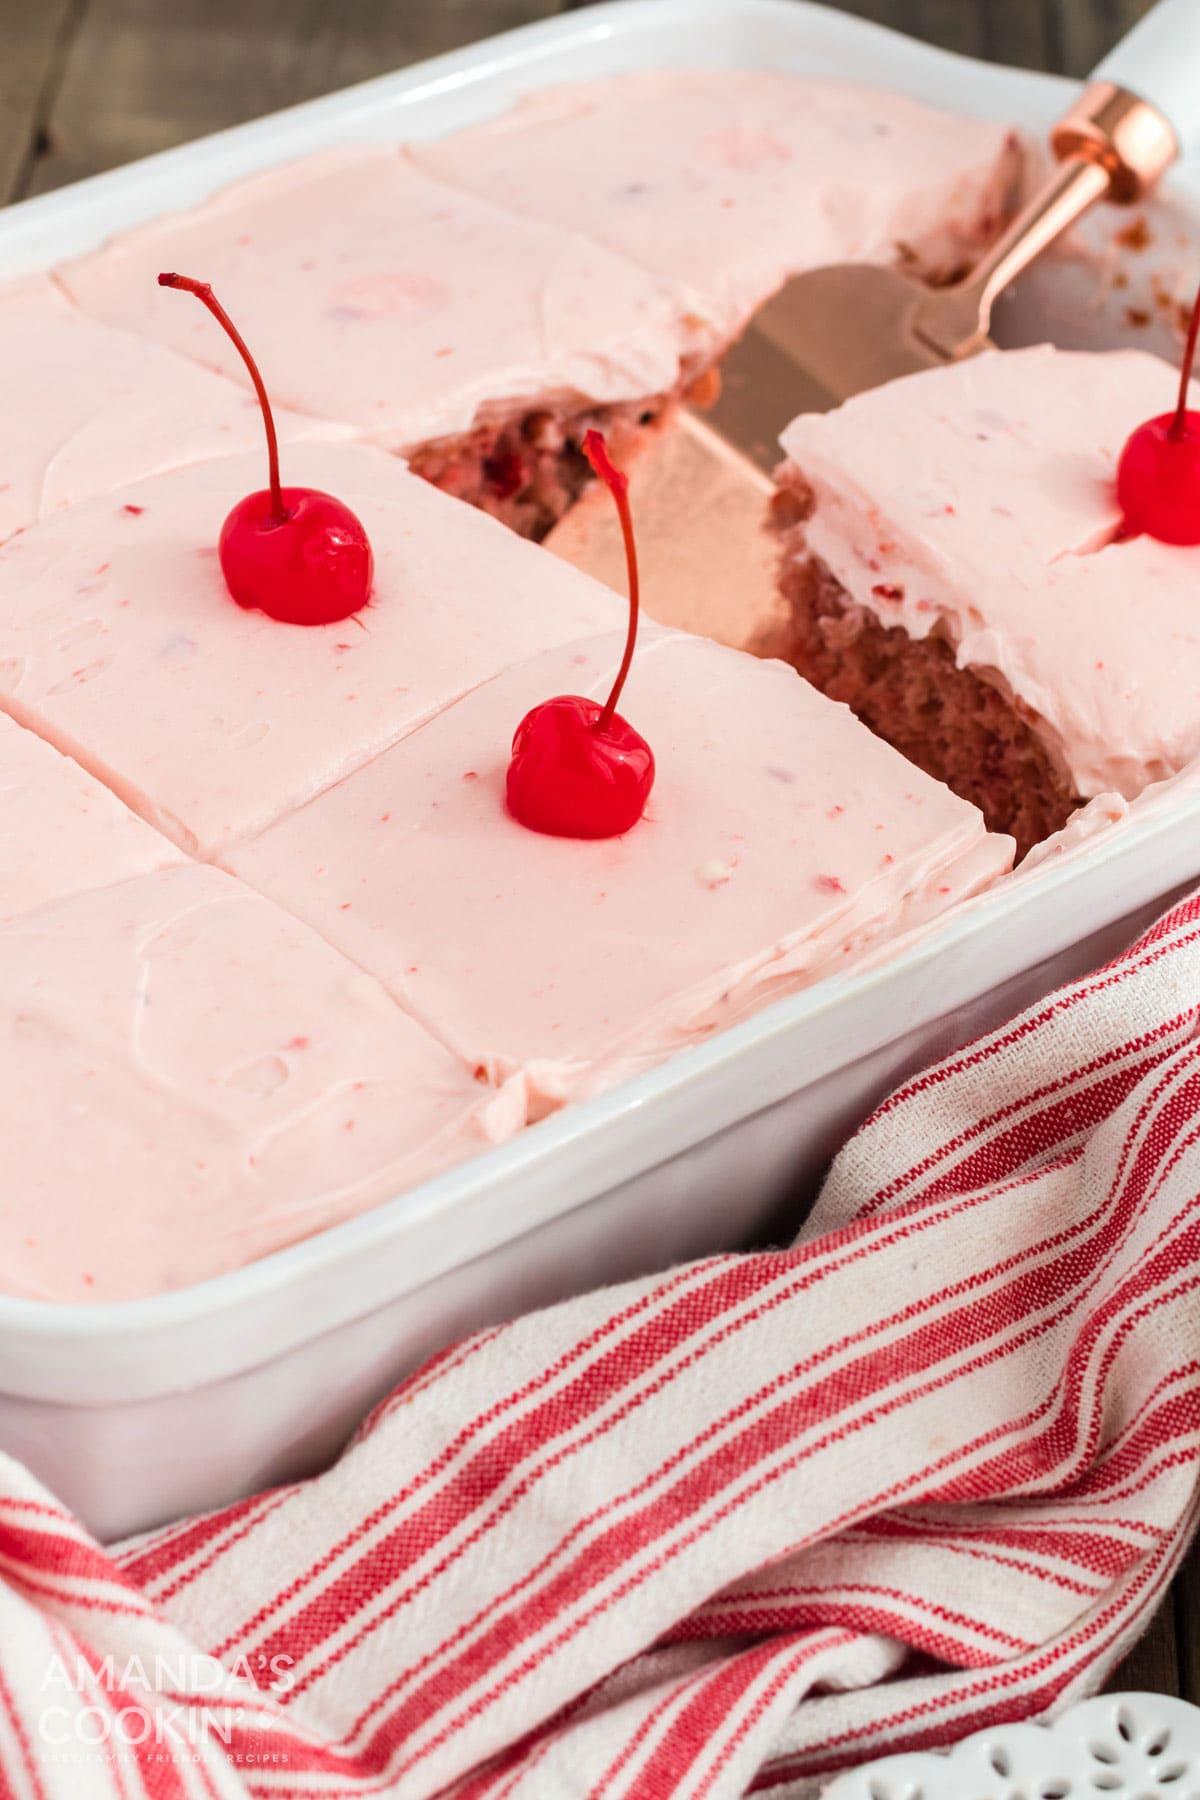 cherry cake with cherry frosting and maraschino cherries for garnish